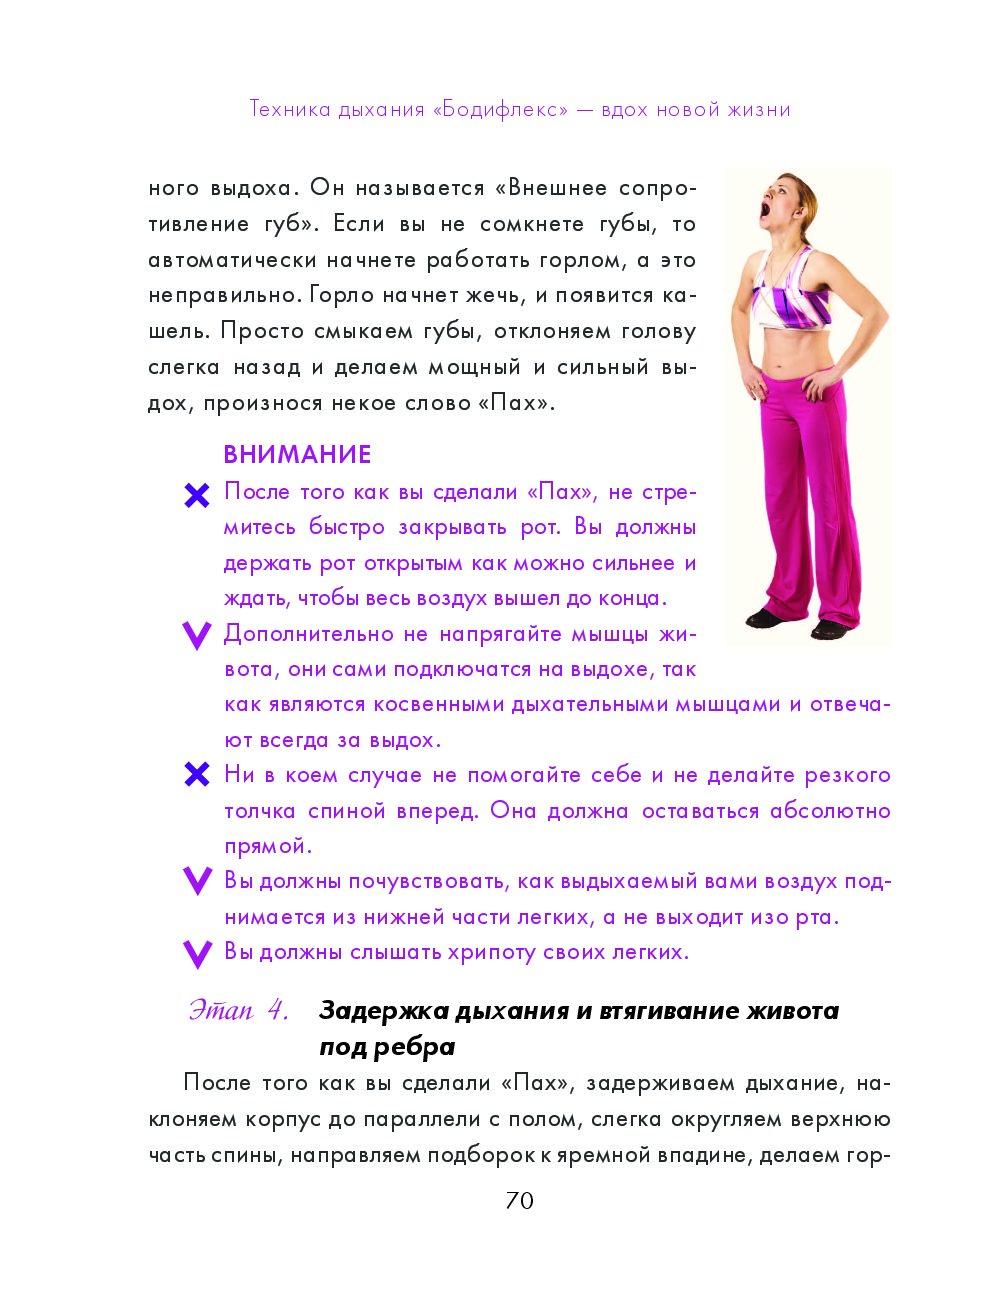 Дыхательные Техники Похудение. Дыхательная гимнастика для похудения — всего 16 минут в день